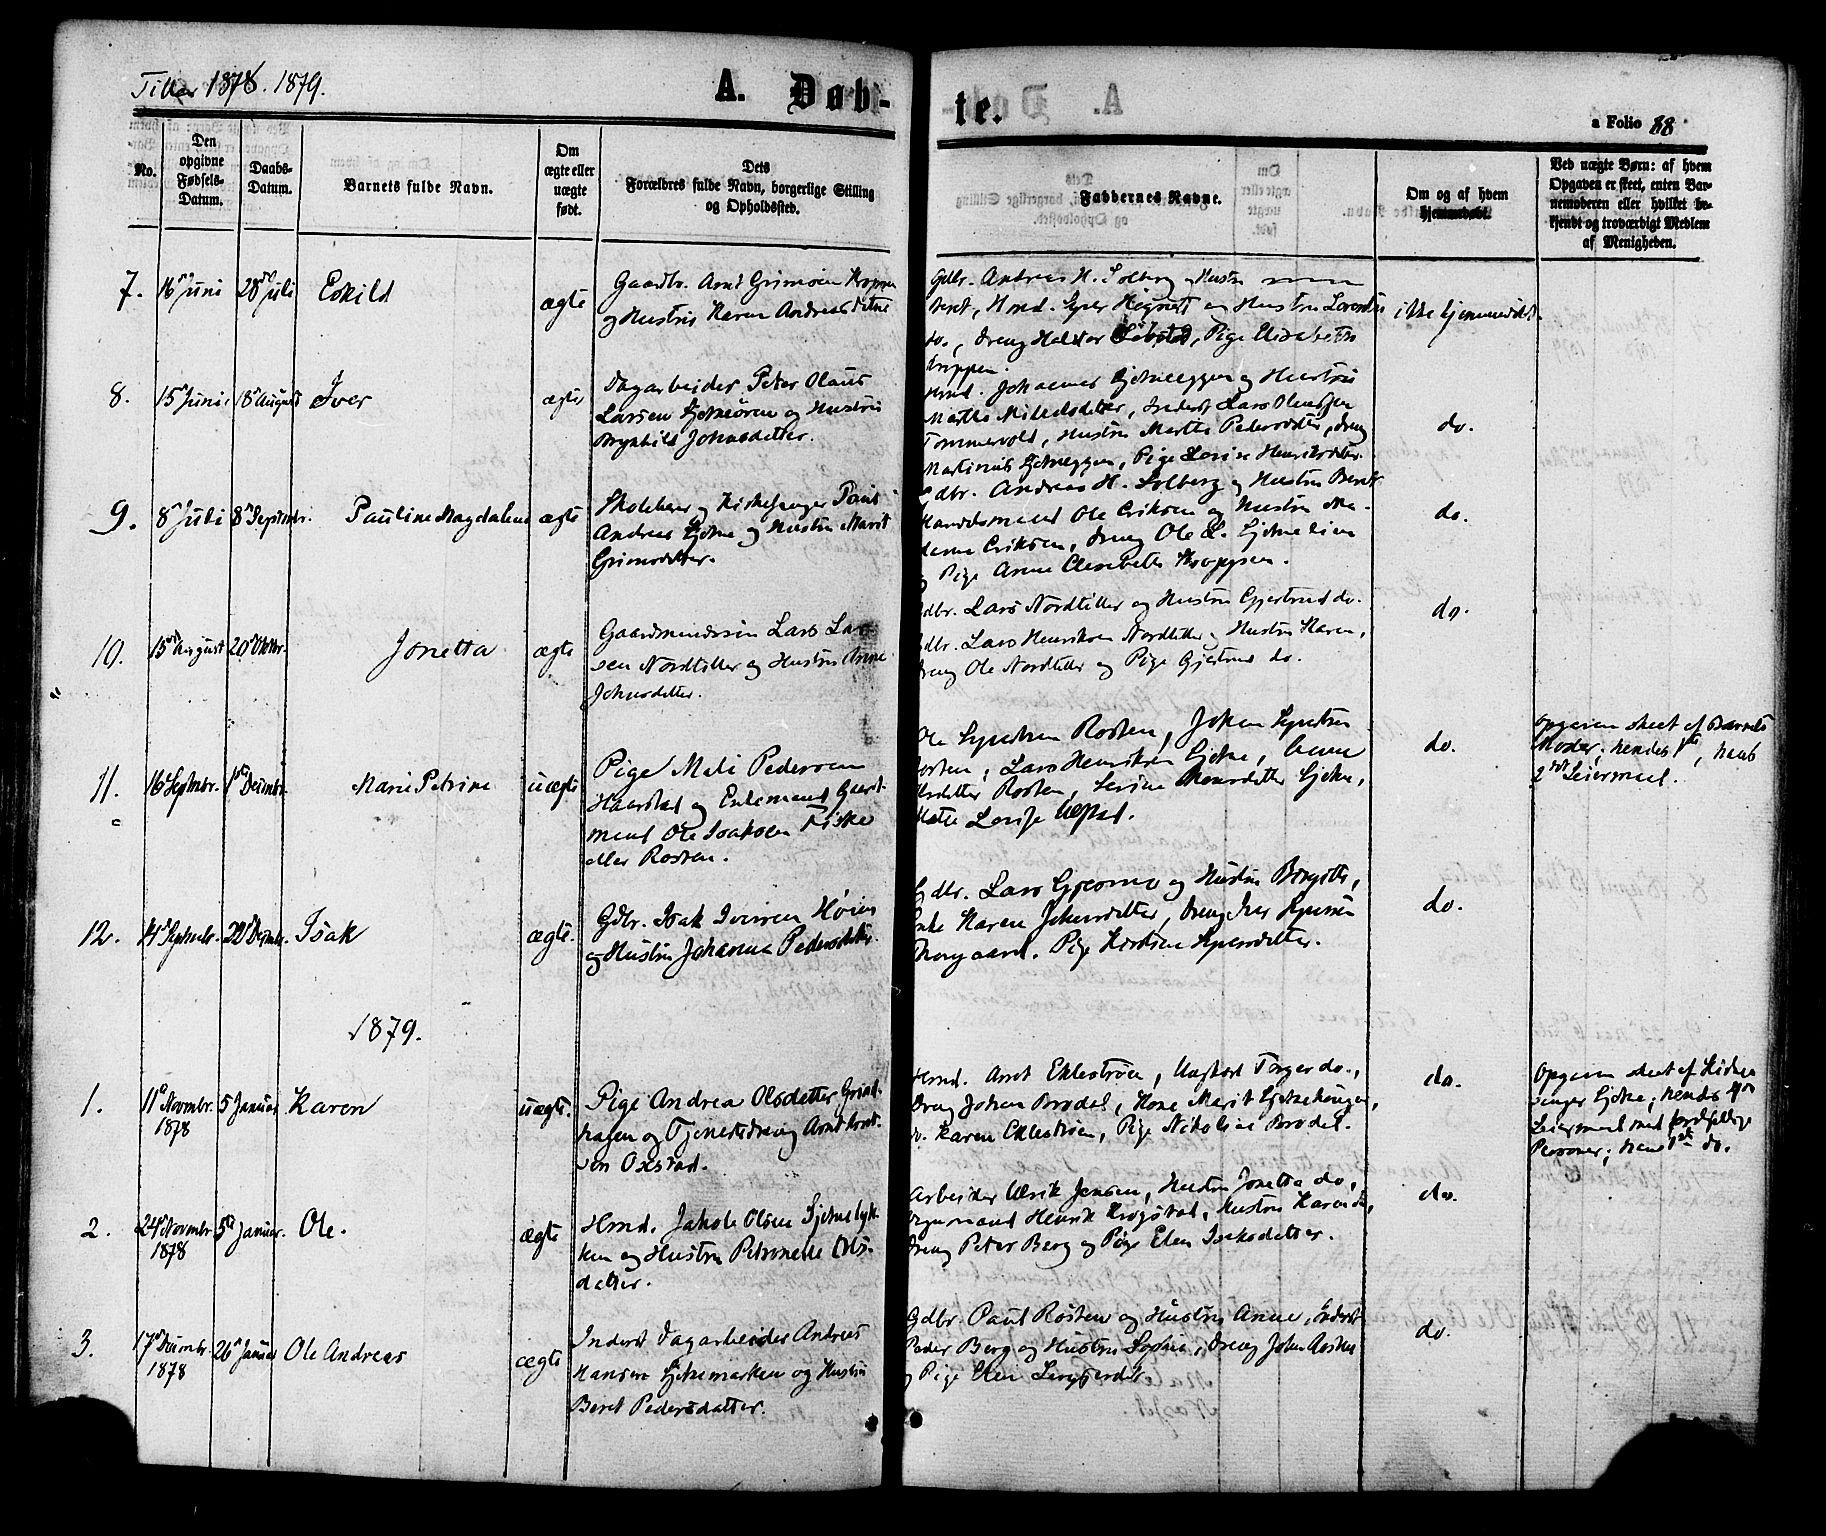 SAT, Ministerialprotokoller, klokkerbøker og fødselsregistre - Sør-Trøndelag, 618/L0443: Ministerialbok nr. 618A06 /2, 1863-1879, s. 88